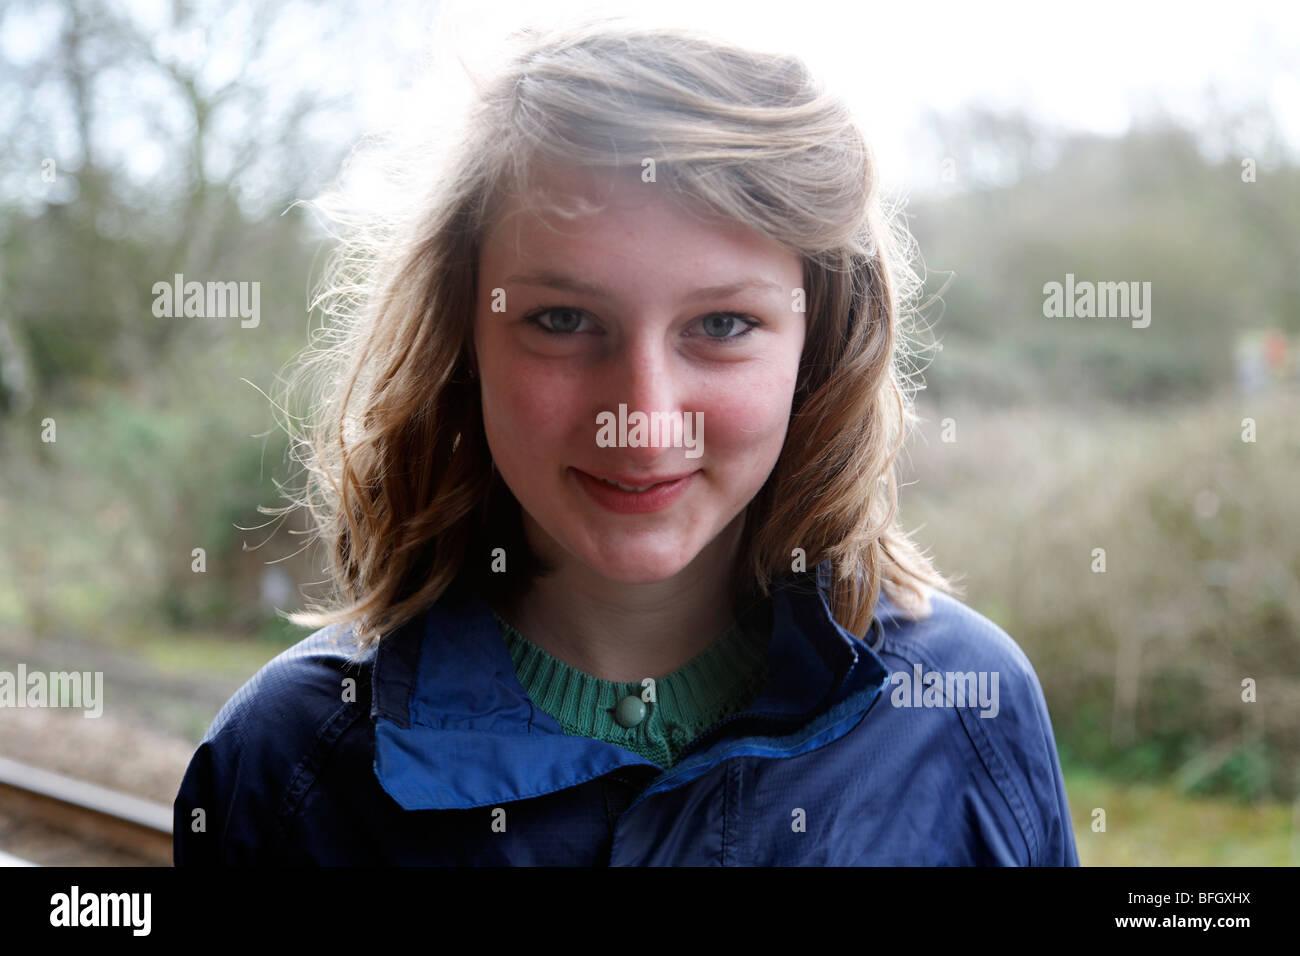 Retrato de una adolescente de quince años Imagen De Stock